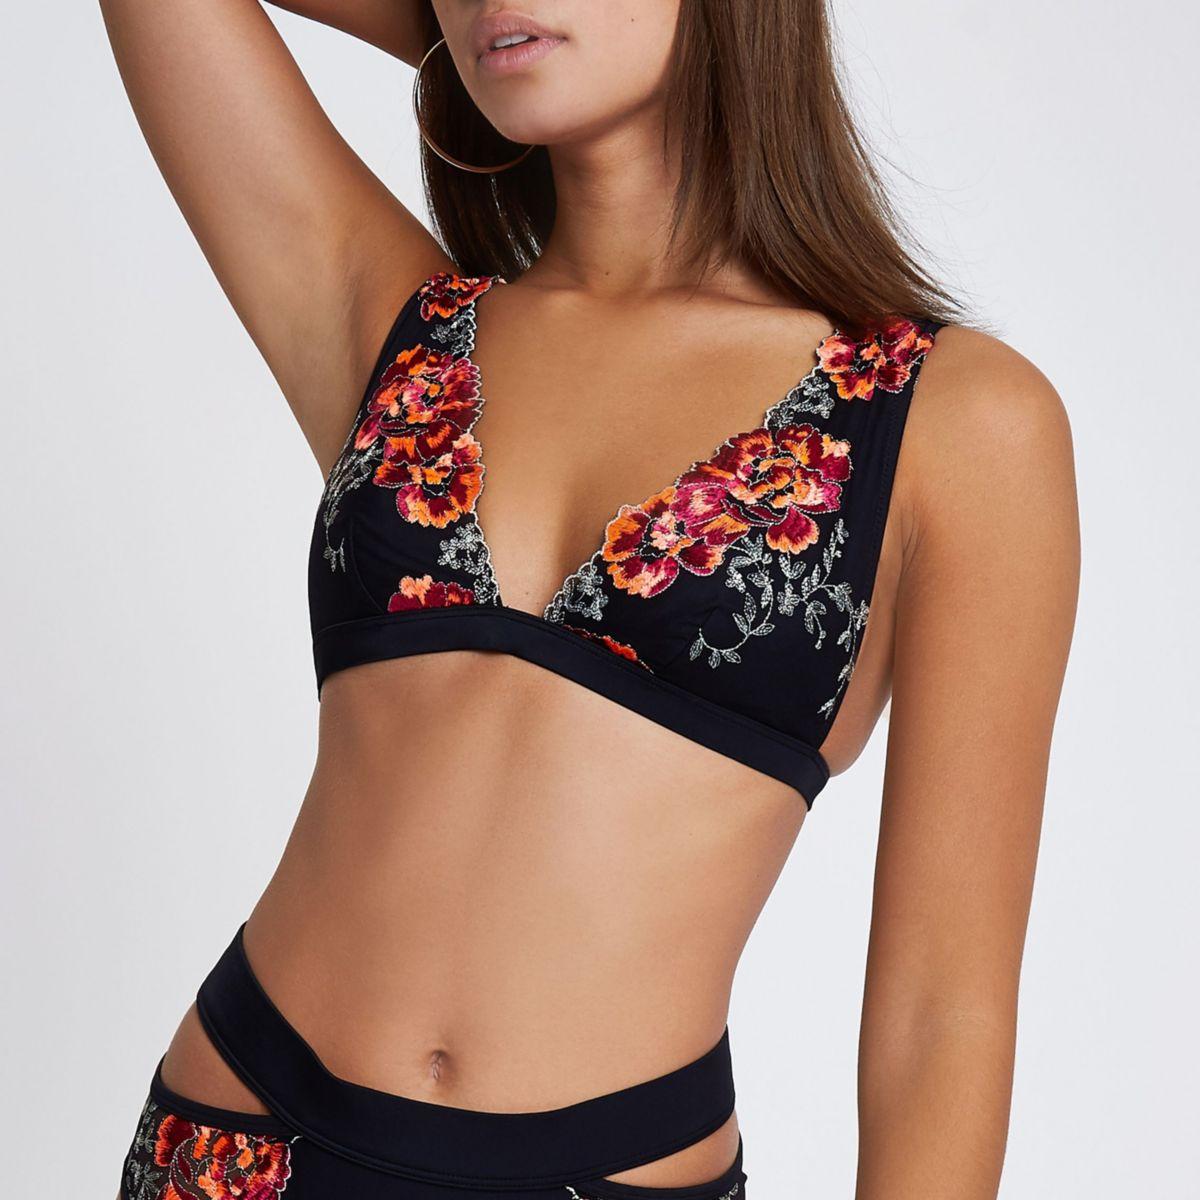 Schwarzes Triangel-Bikinioberteil mit Blumenverzierung